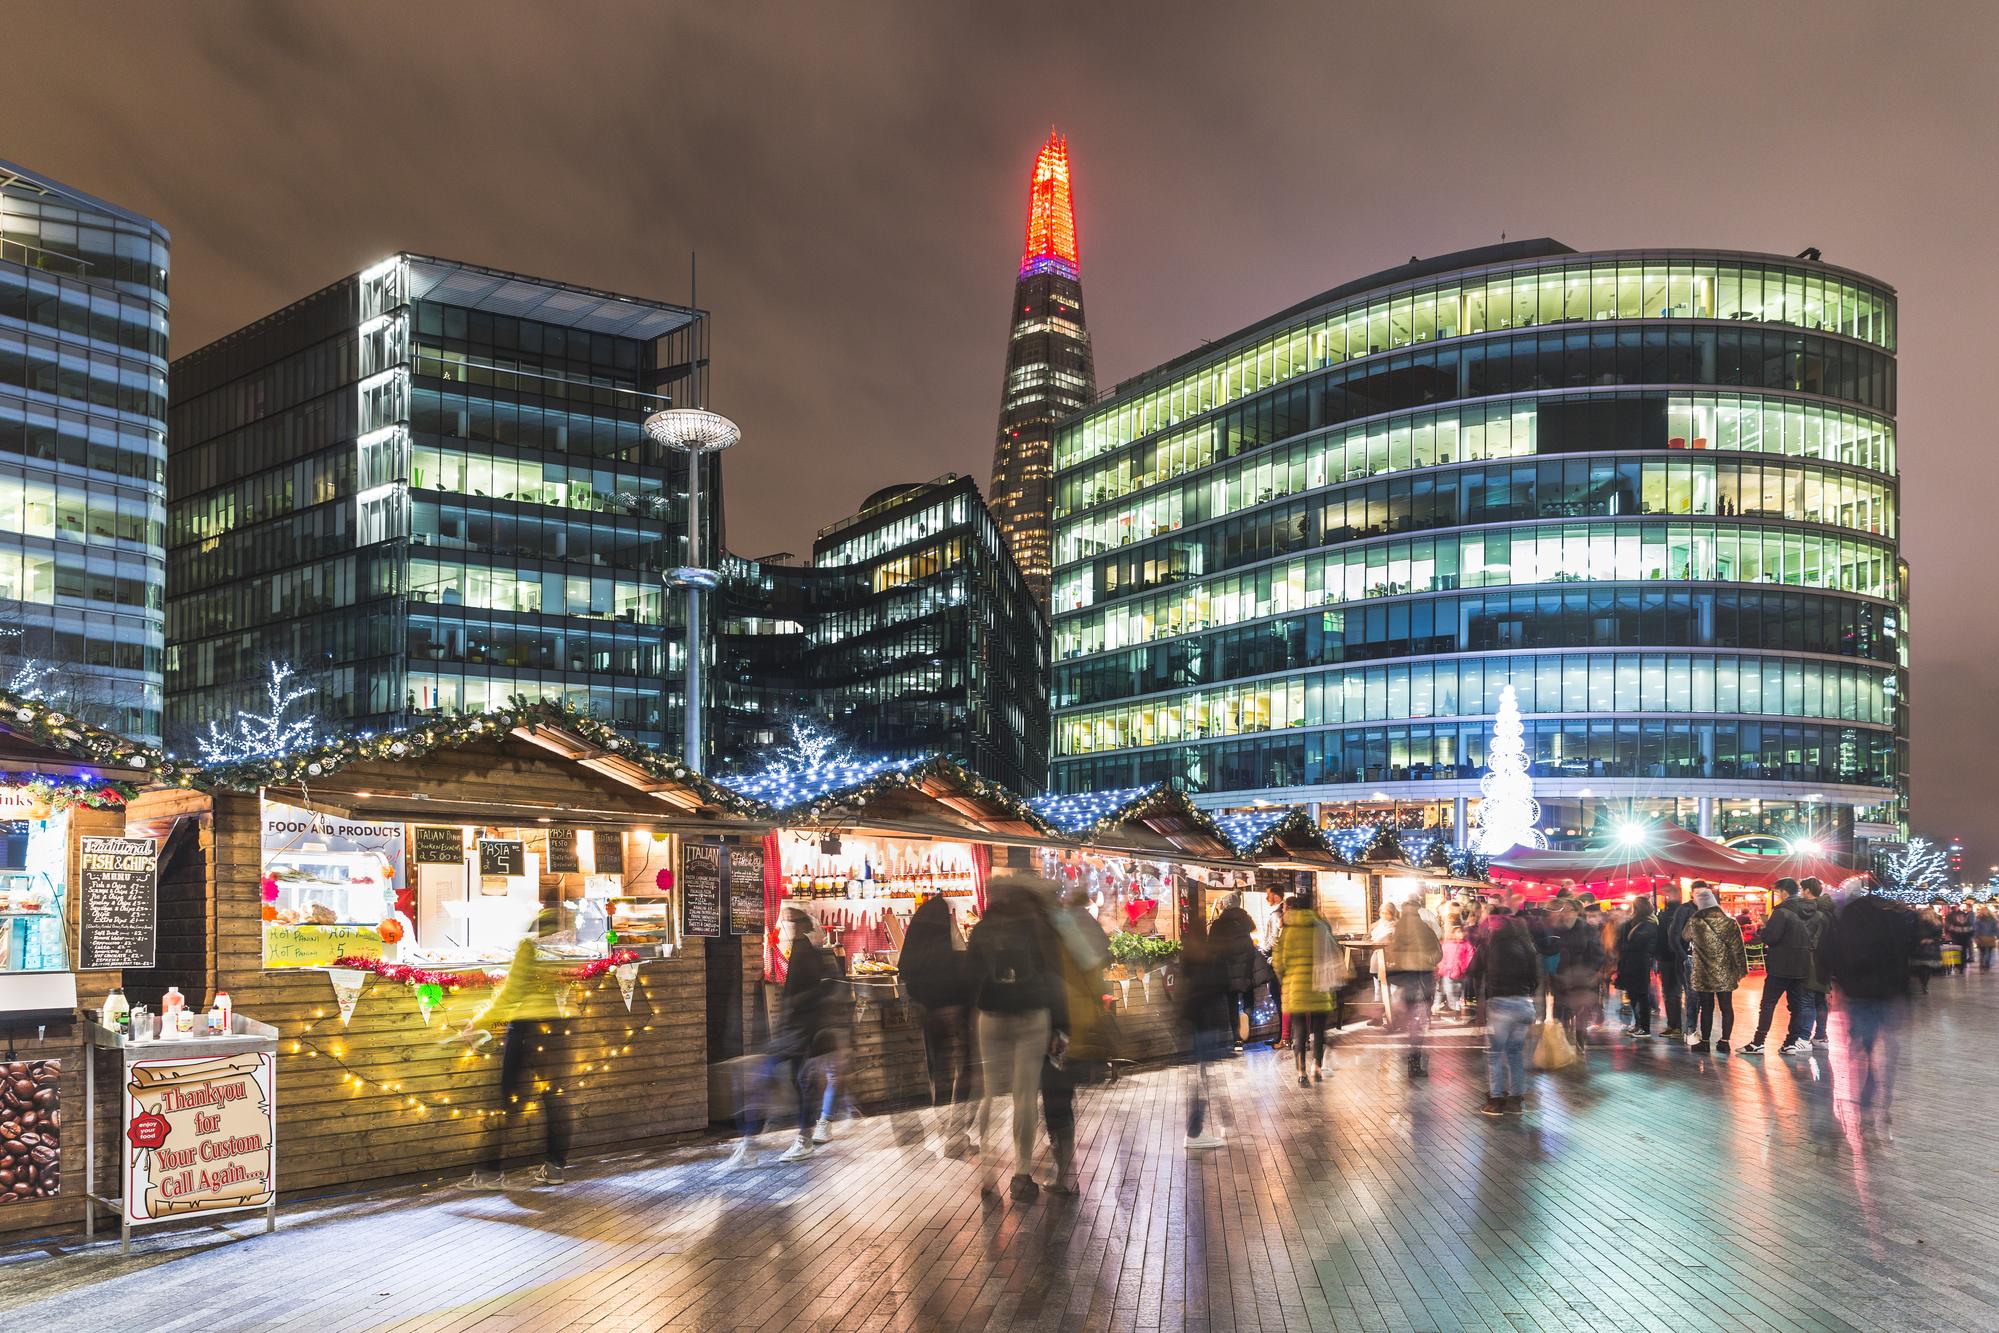 Fairytale Christmas Markets